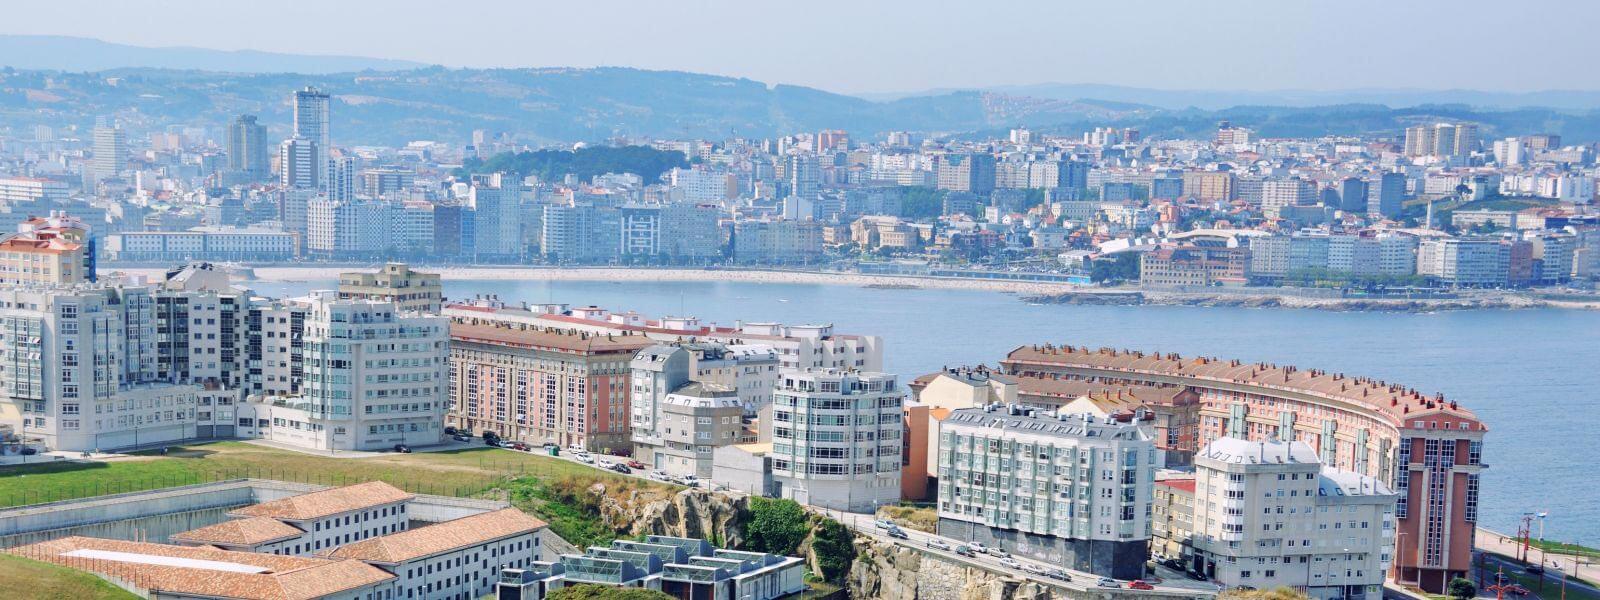 Hospedagem em A Coruña